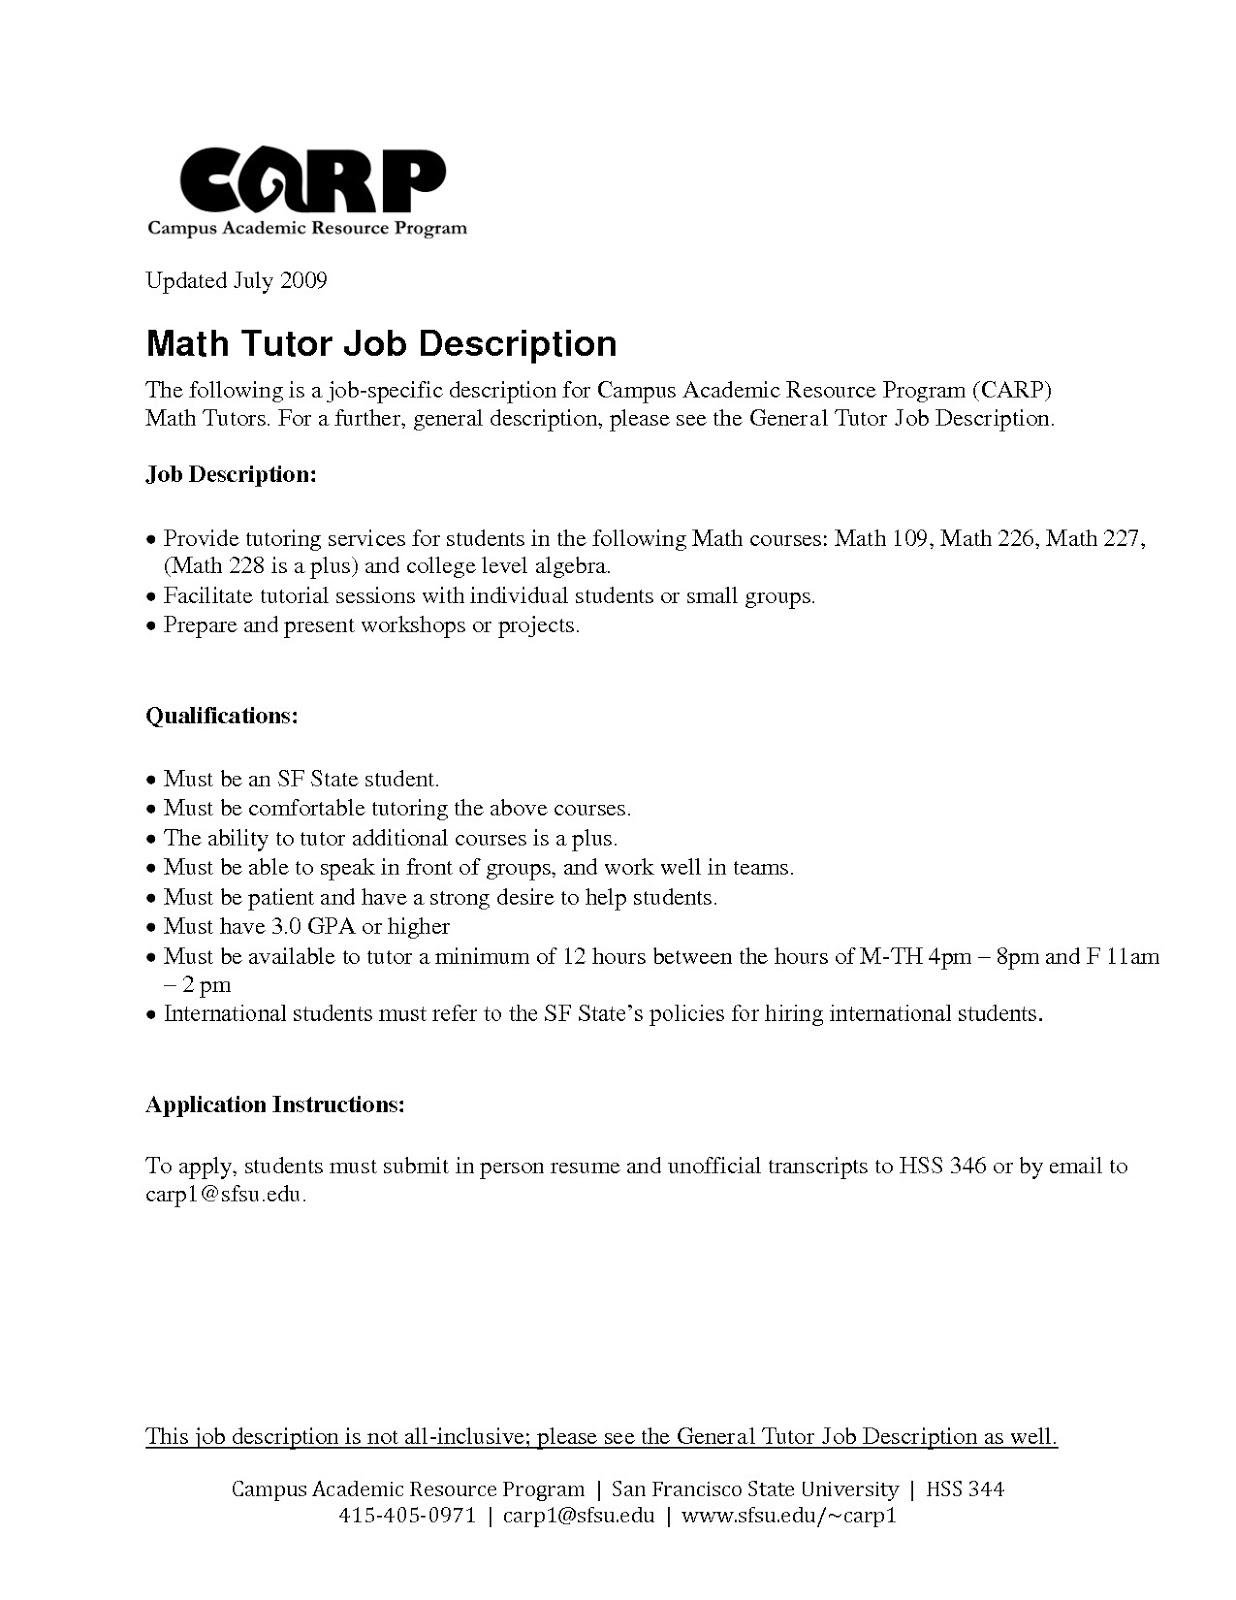 tutor resume description, english tutor job description resume, peer tutor resume description, private tutor resume description, math tutor resume description, writing tutor resume description, accounting tutor resume description, language tutor resume description, avid tutor job description resume,